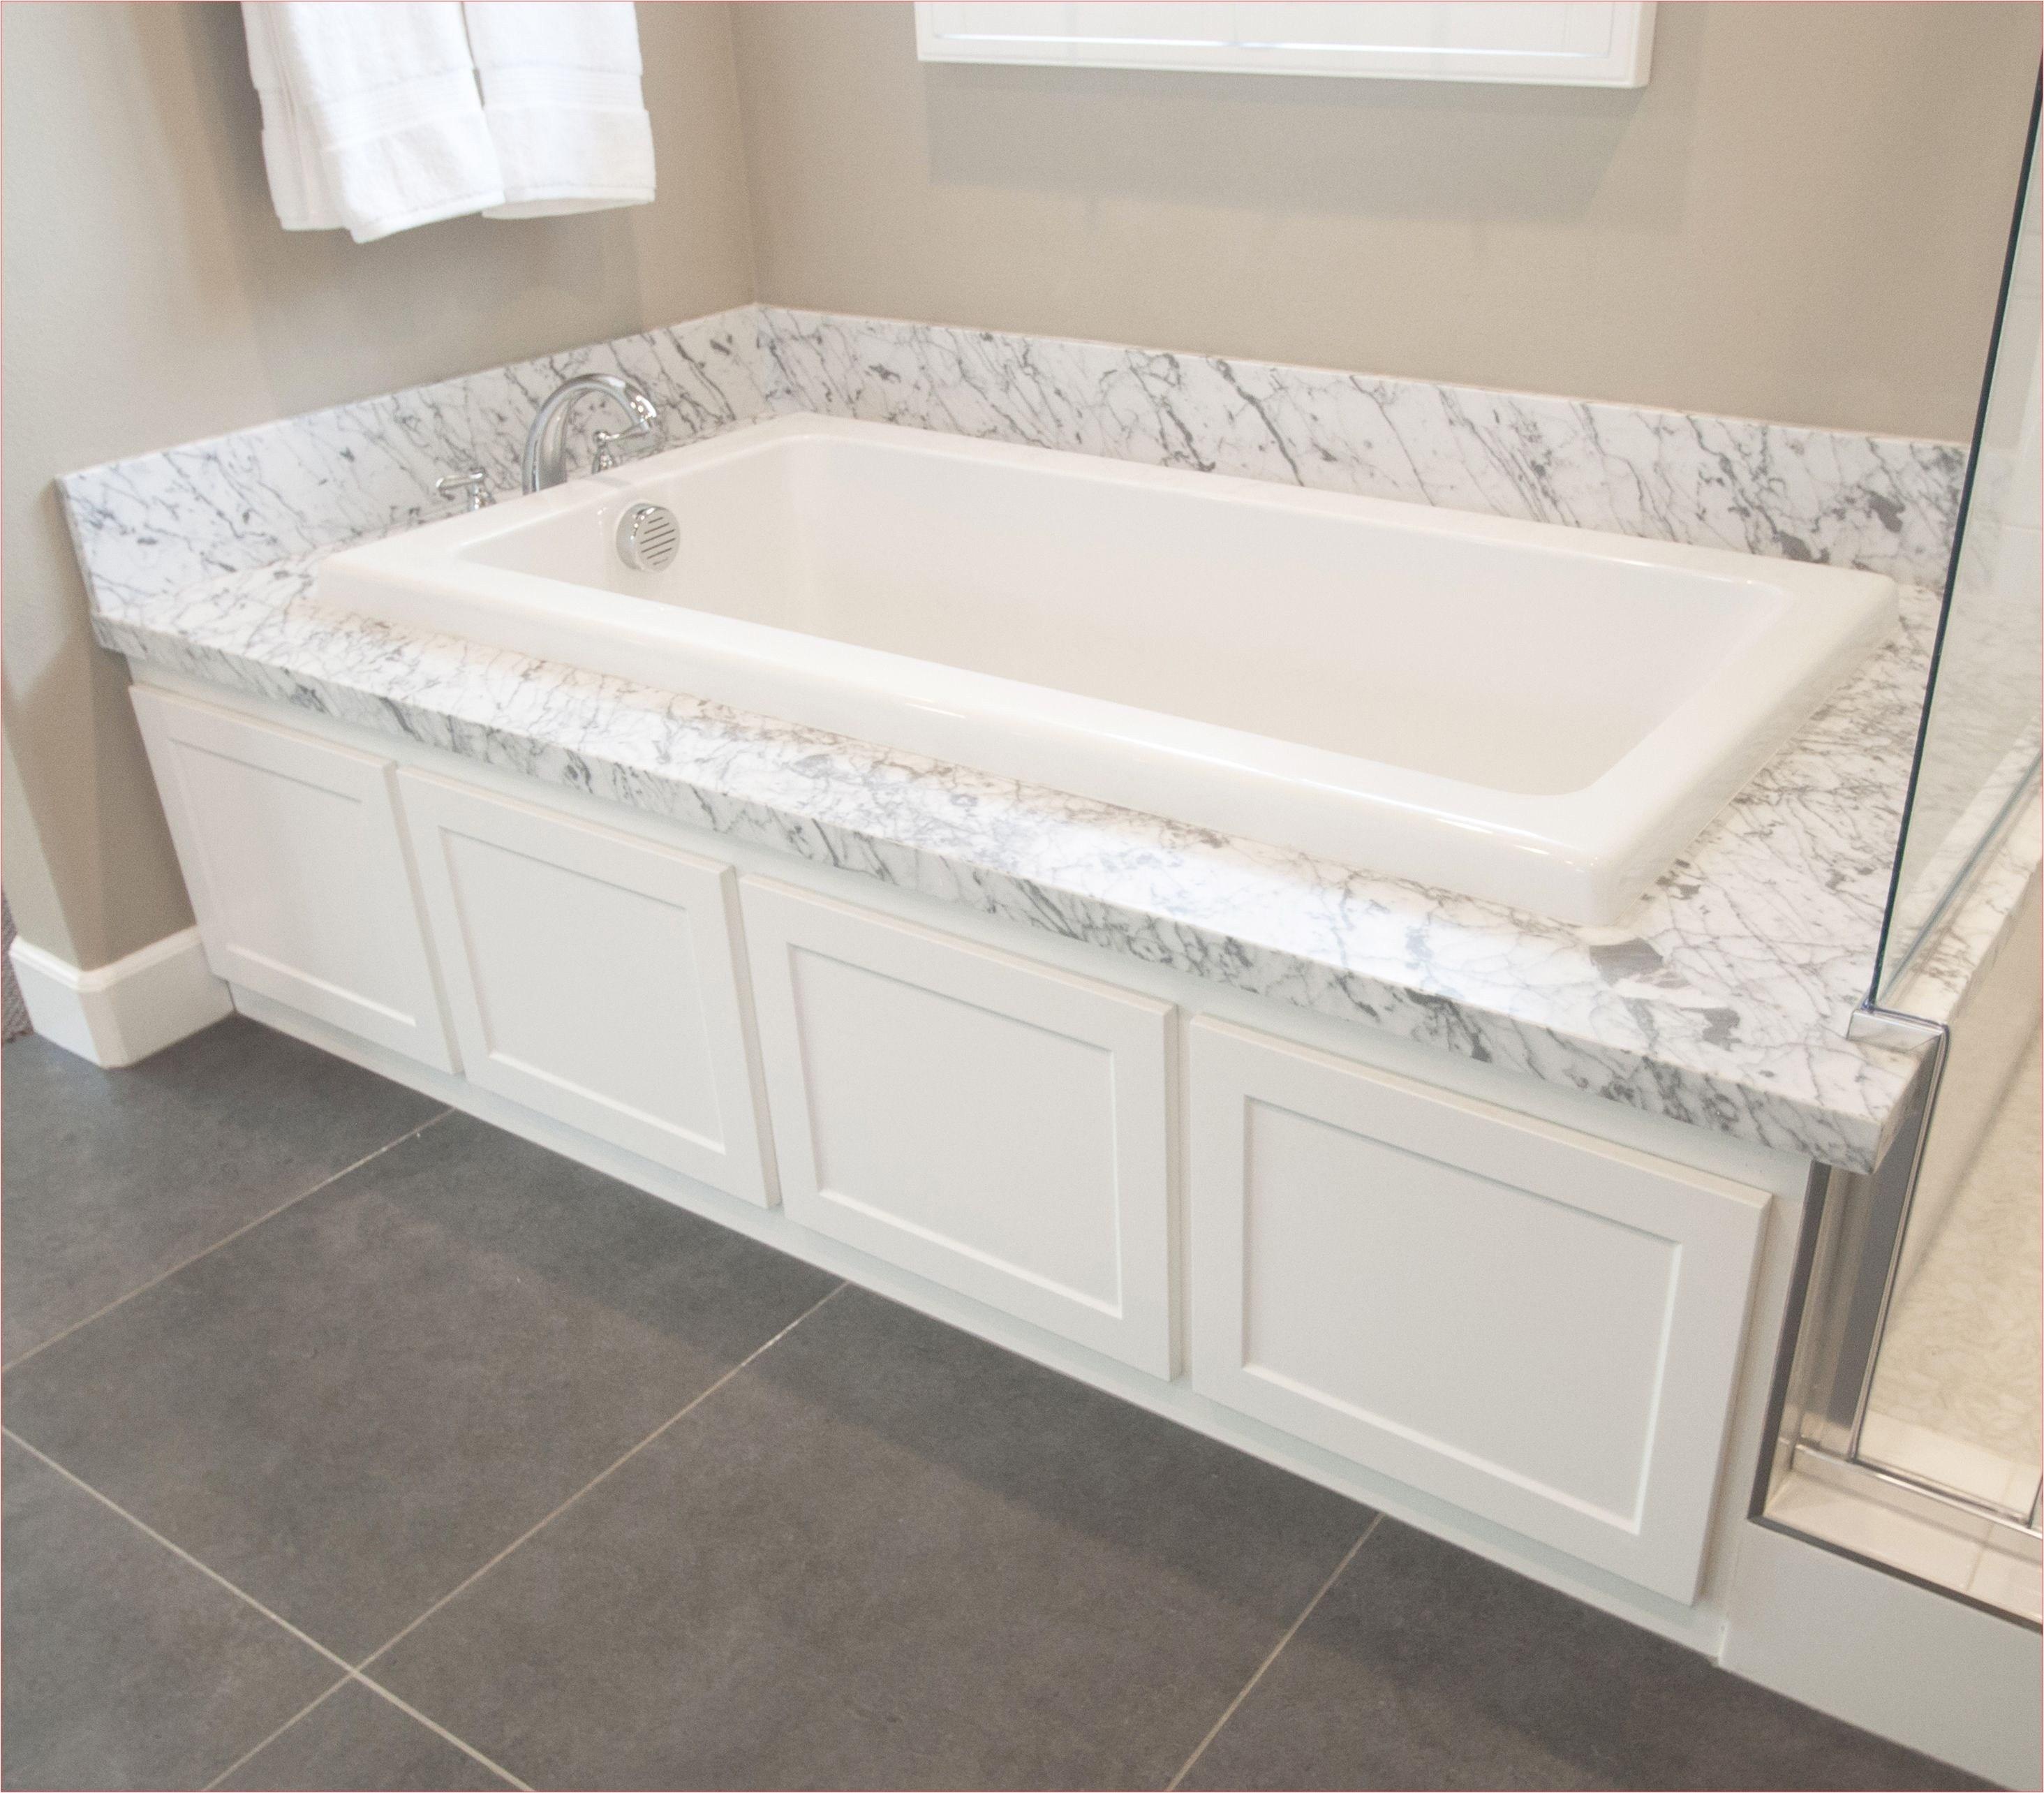 bathroom sink price drop in bathtub best selecting bathroom sinksh sink prices i 0d